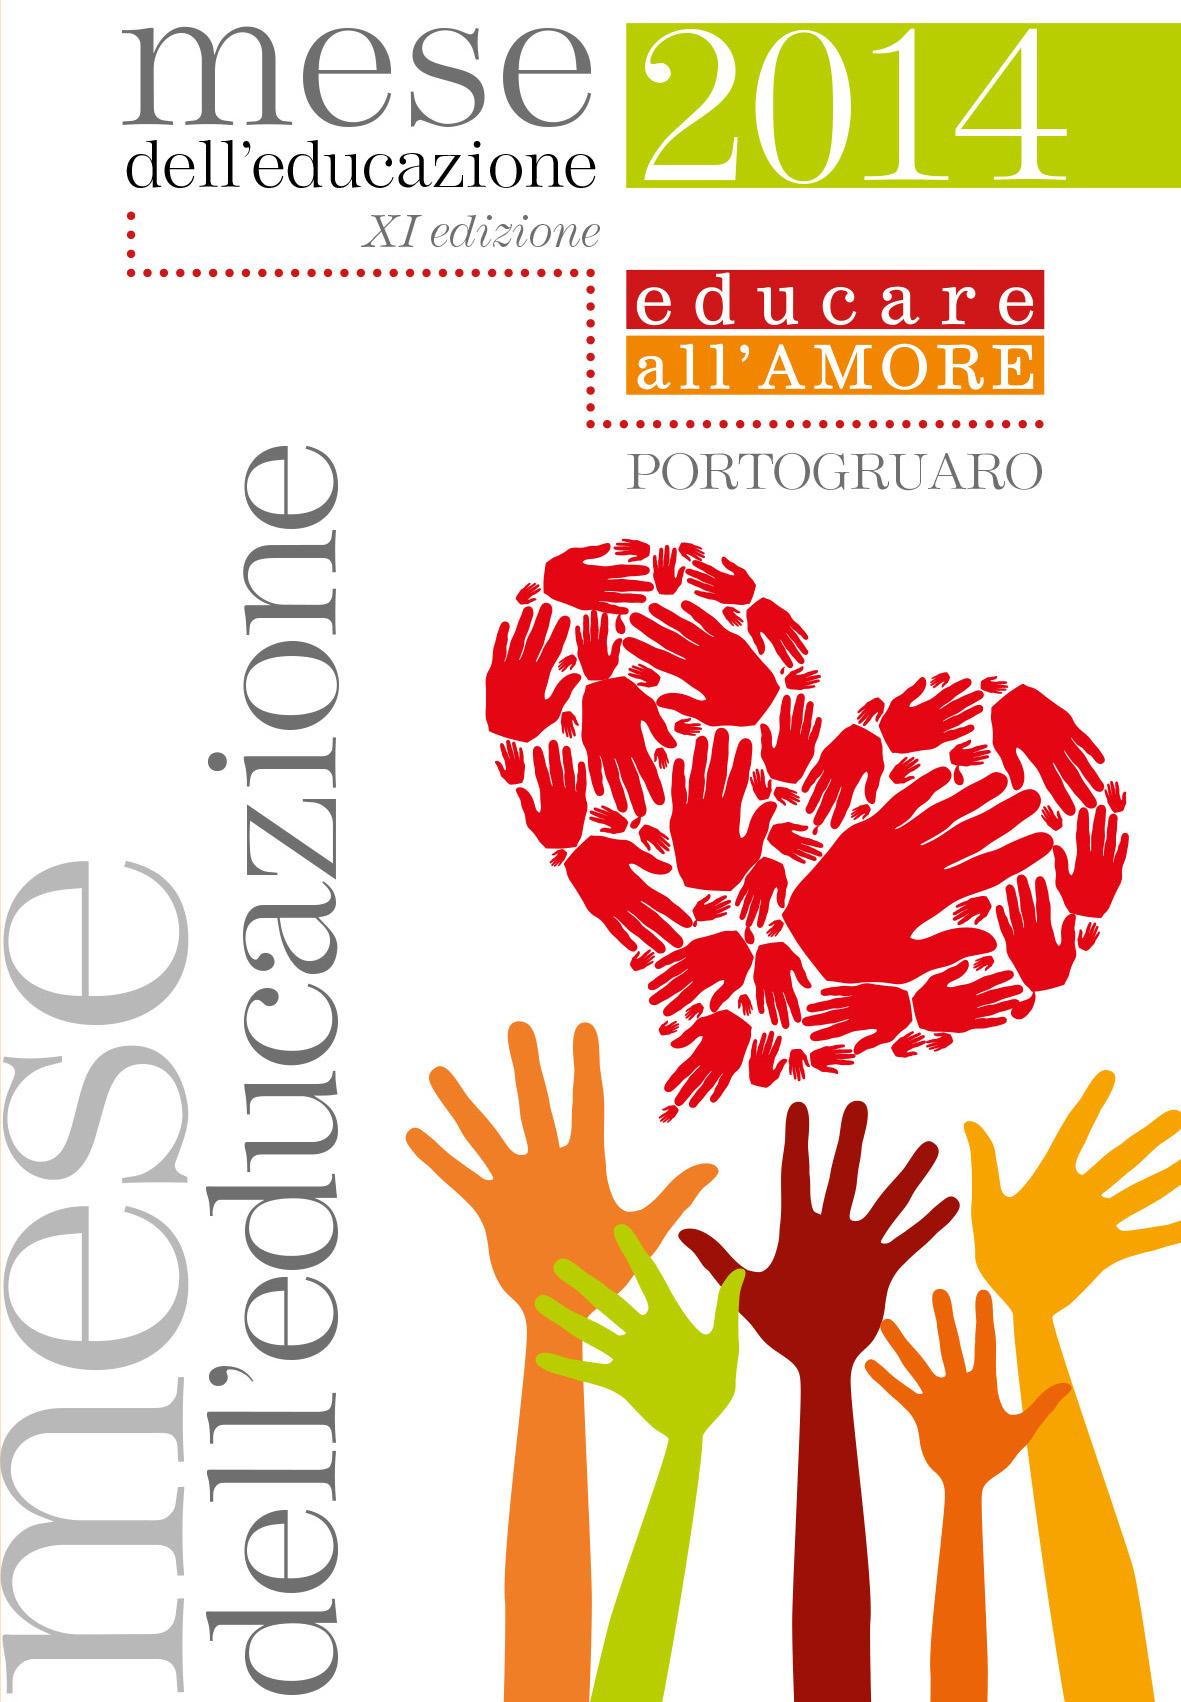 Mese dell'educazione a Portogruaro